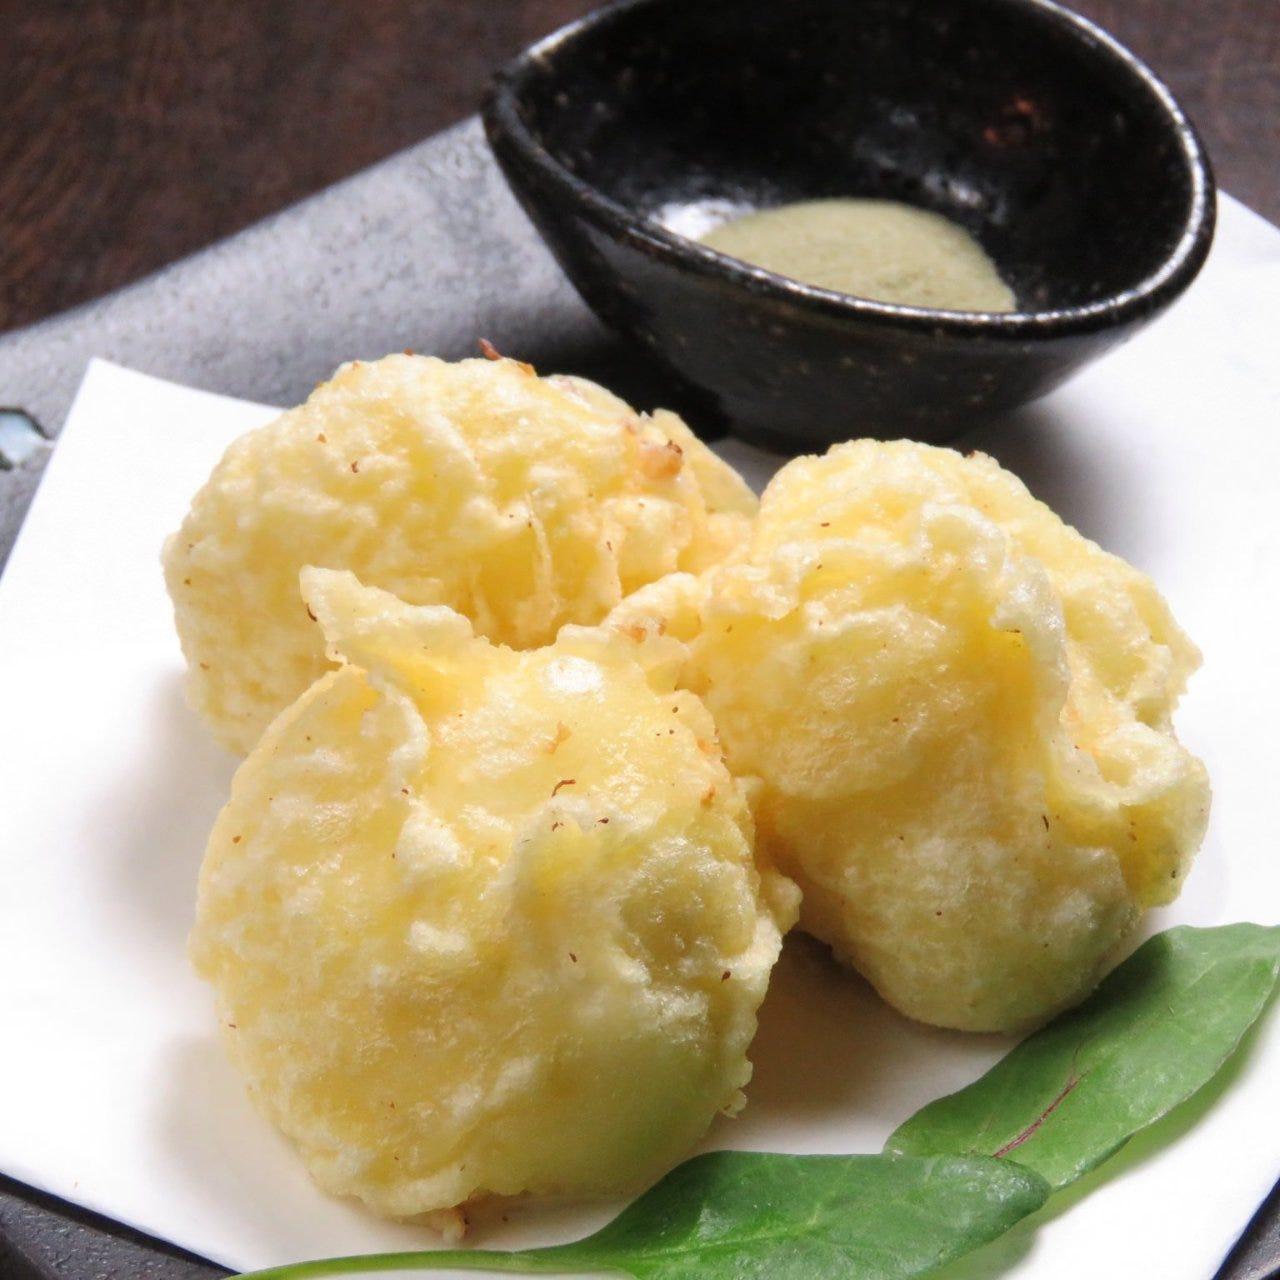 蔵王クリームチーズの天ぷらは抹茶塩で風流に食すのが正解◎